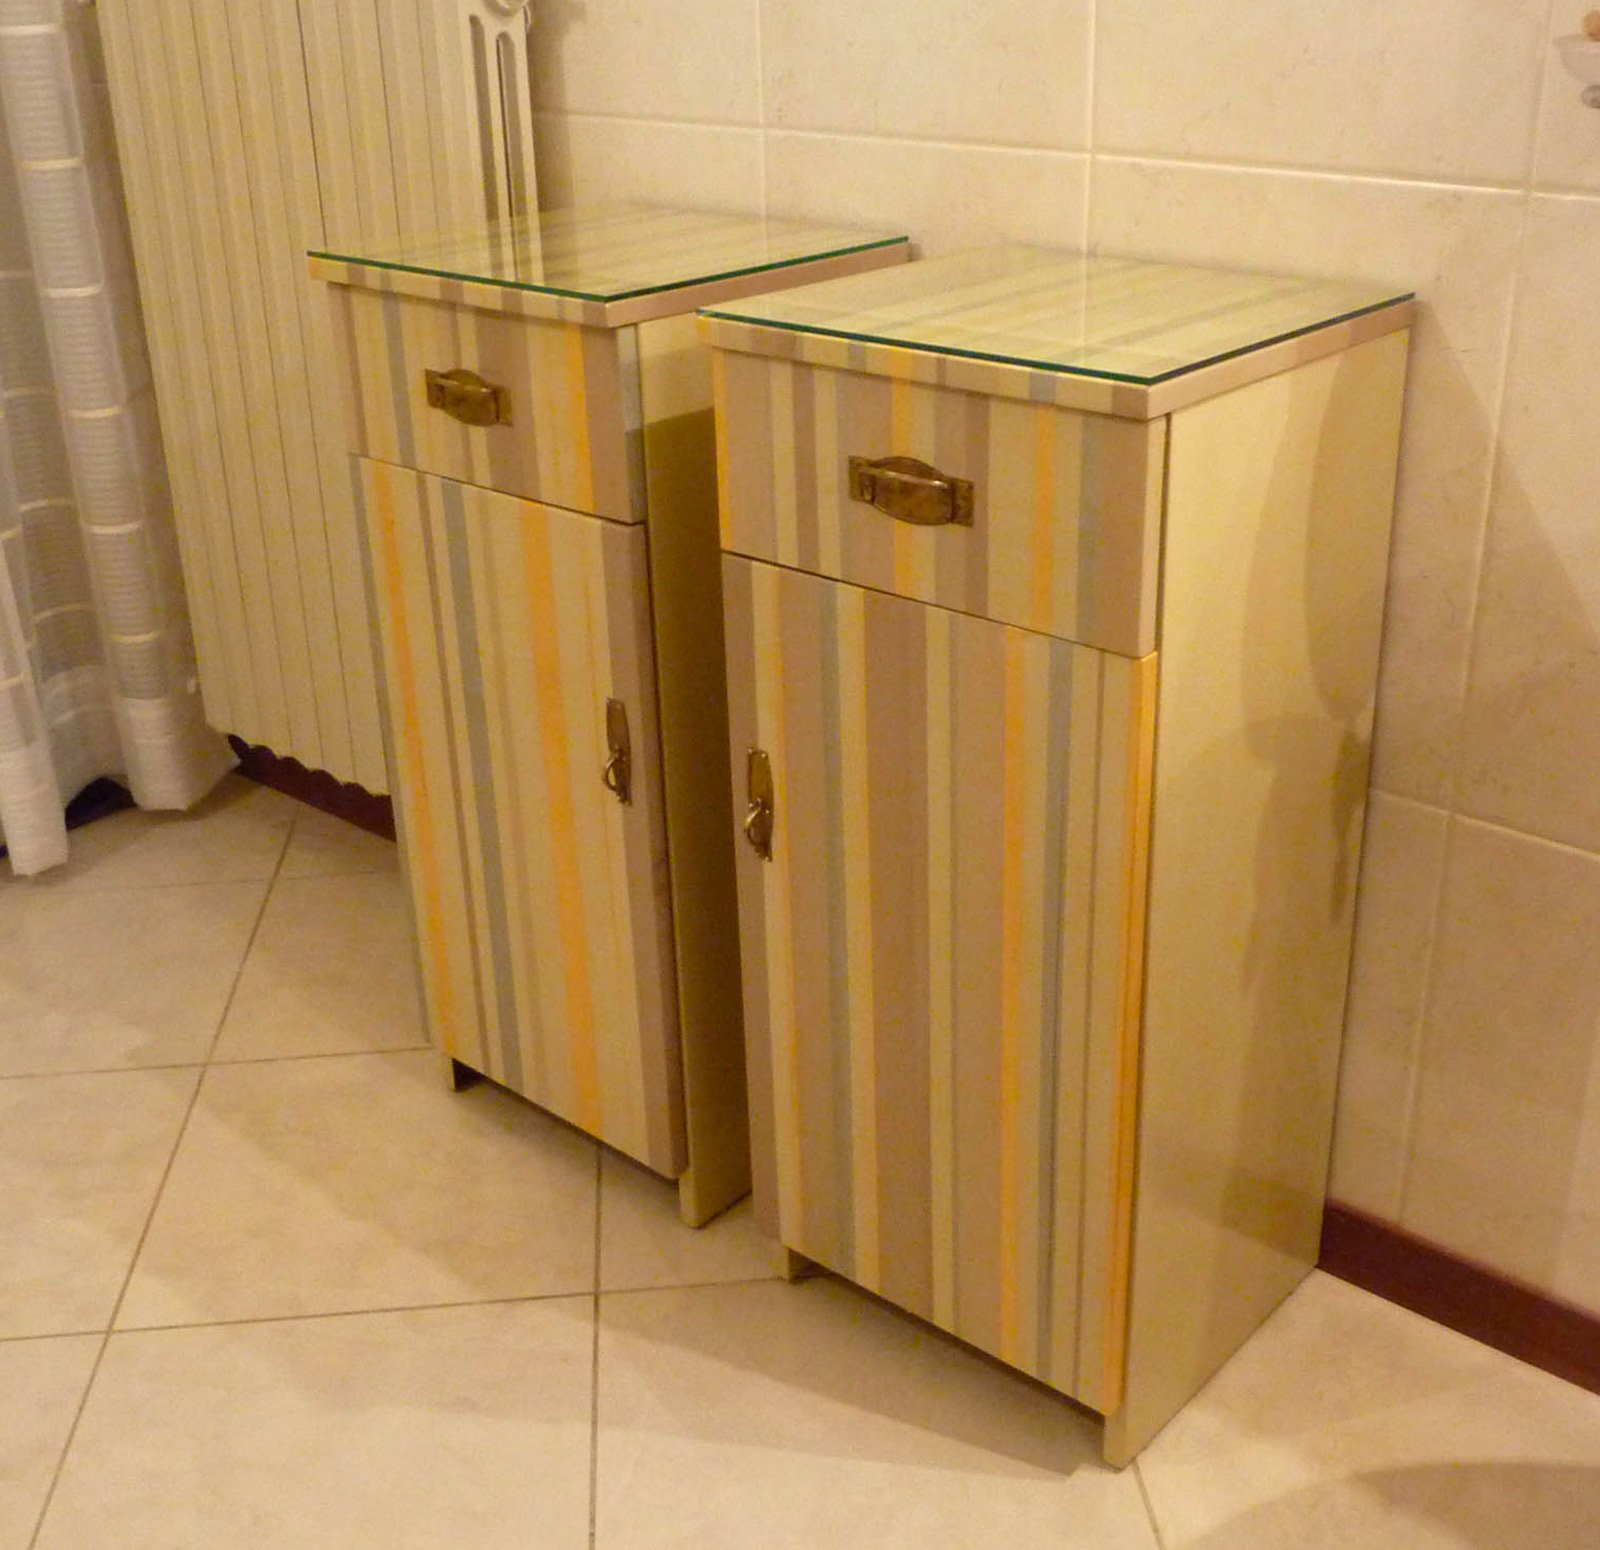 Mobiletti Legno Fai Da Te.Restyling Colorato Per Un Vecchio Mobiletto Cose Di Casa